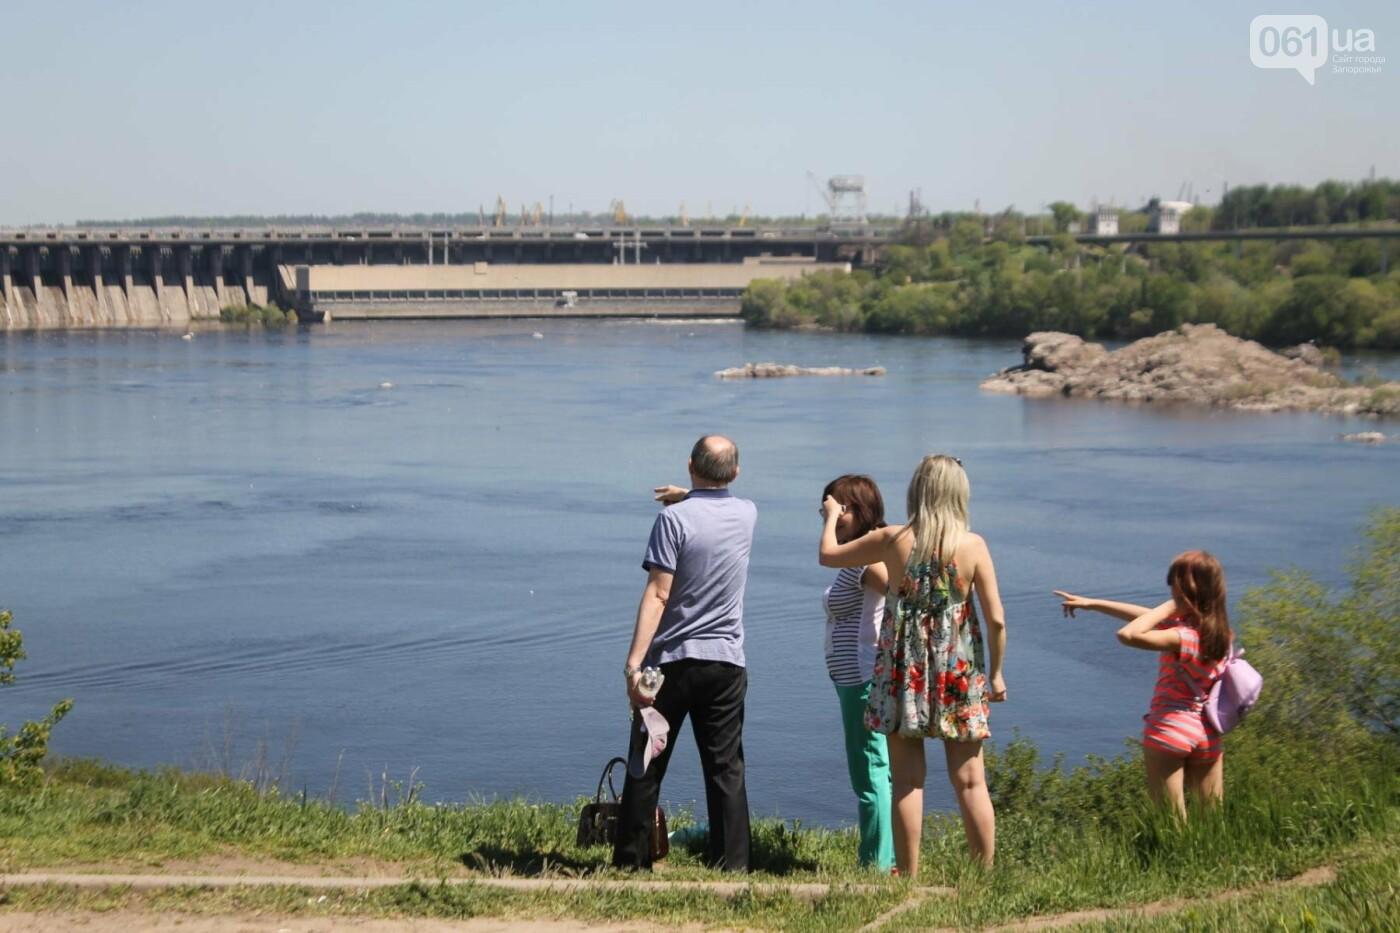 В Запорожье на Хортице концертом открыли туристический сезон: как это было, – ФОТОРЕПОРТАЖ, фото-14